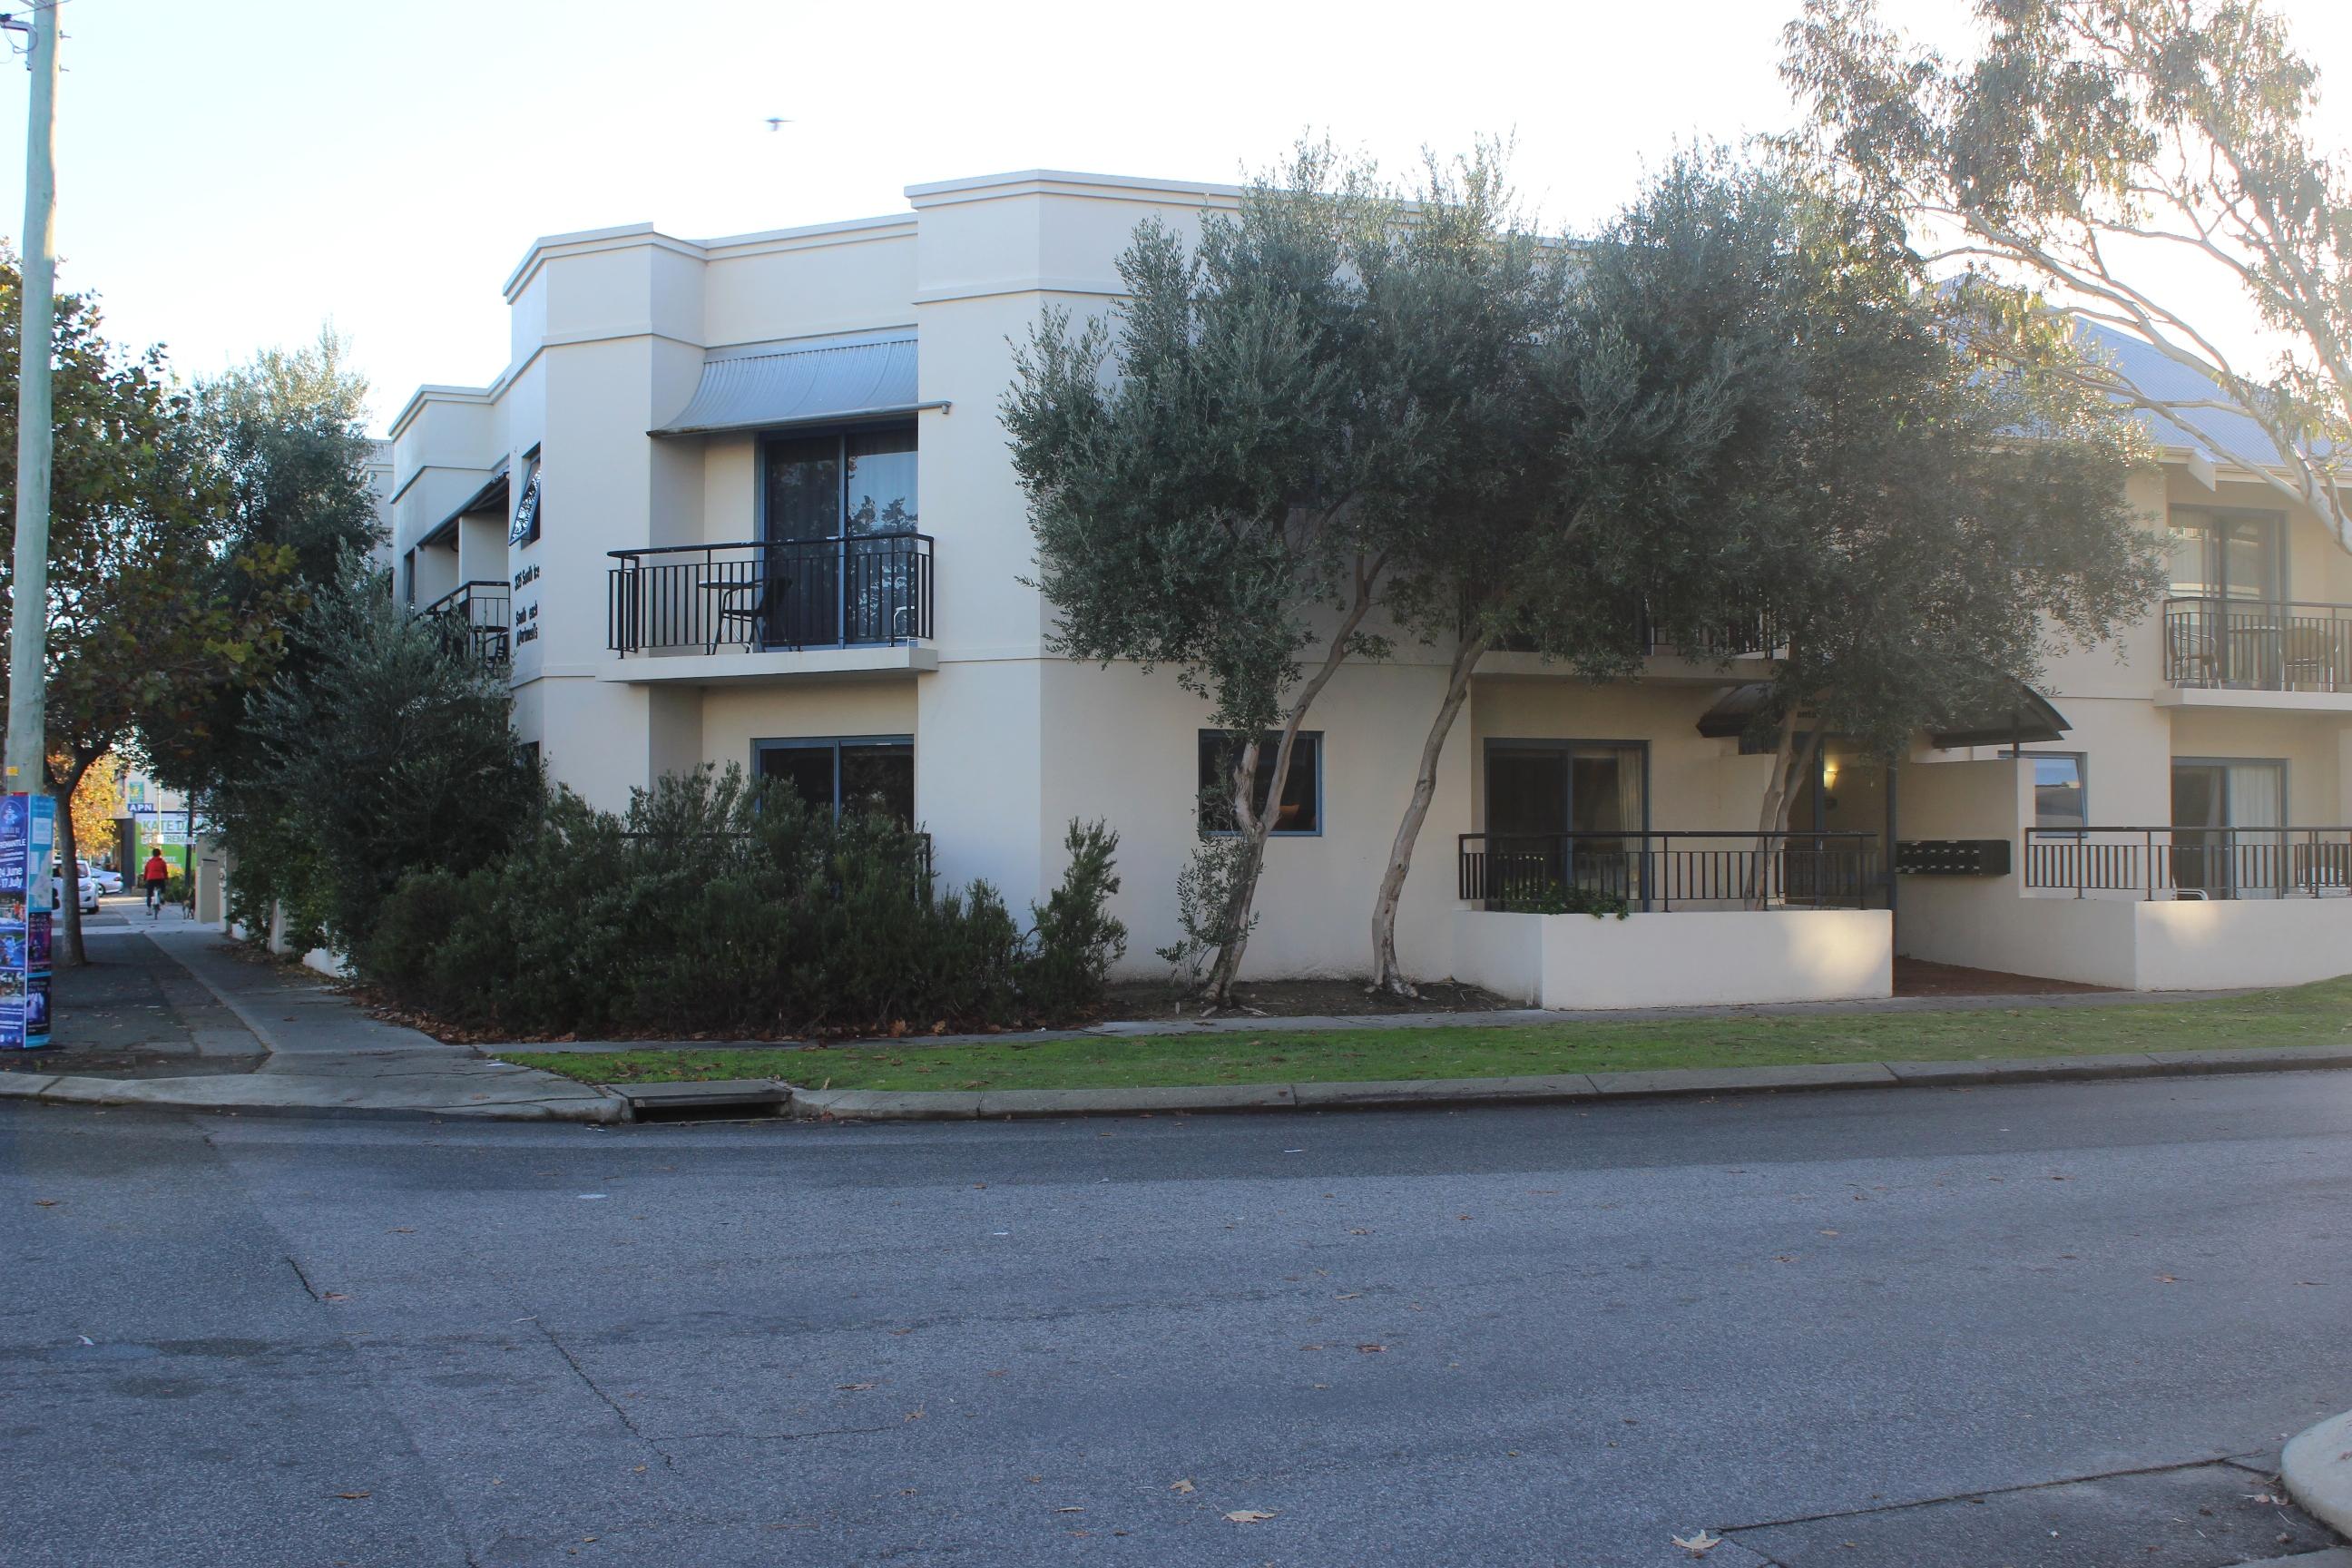 exterior shot of apartments